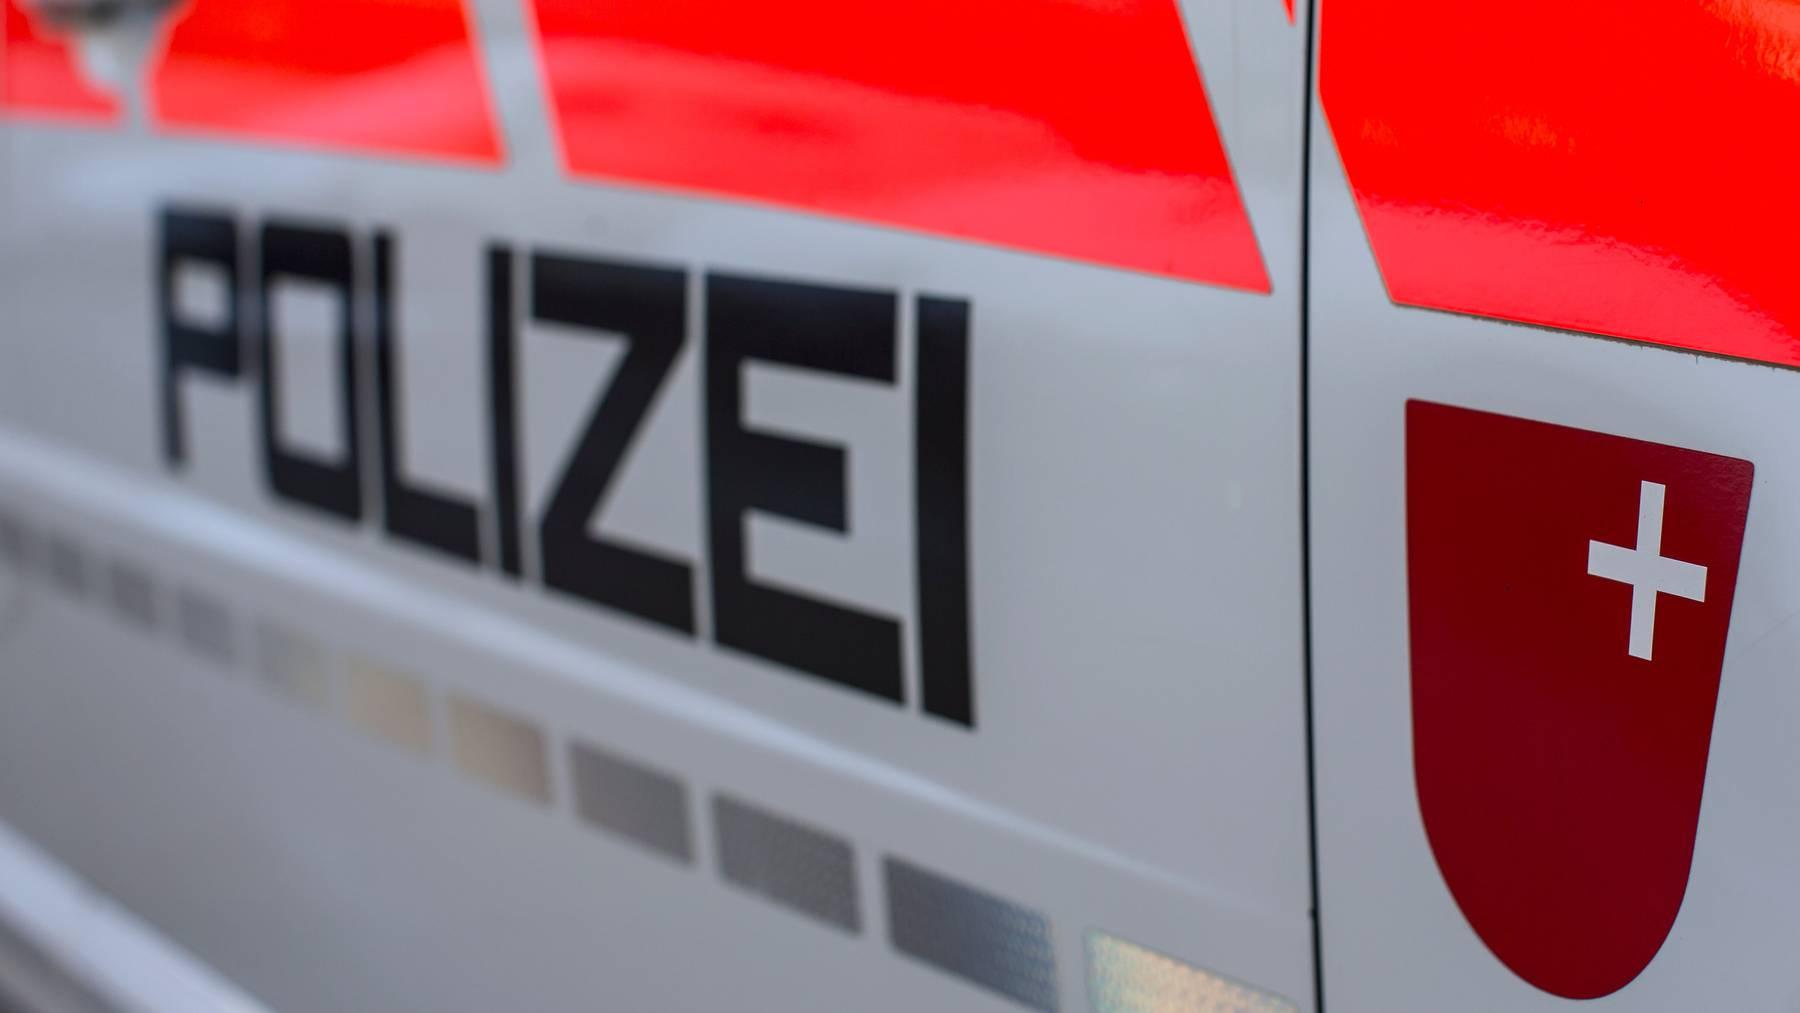 Die Kantonspolizei Schwyz vermeldete den schweren Unfall am Samstag.